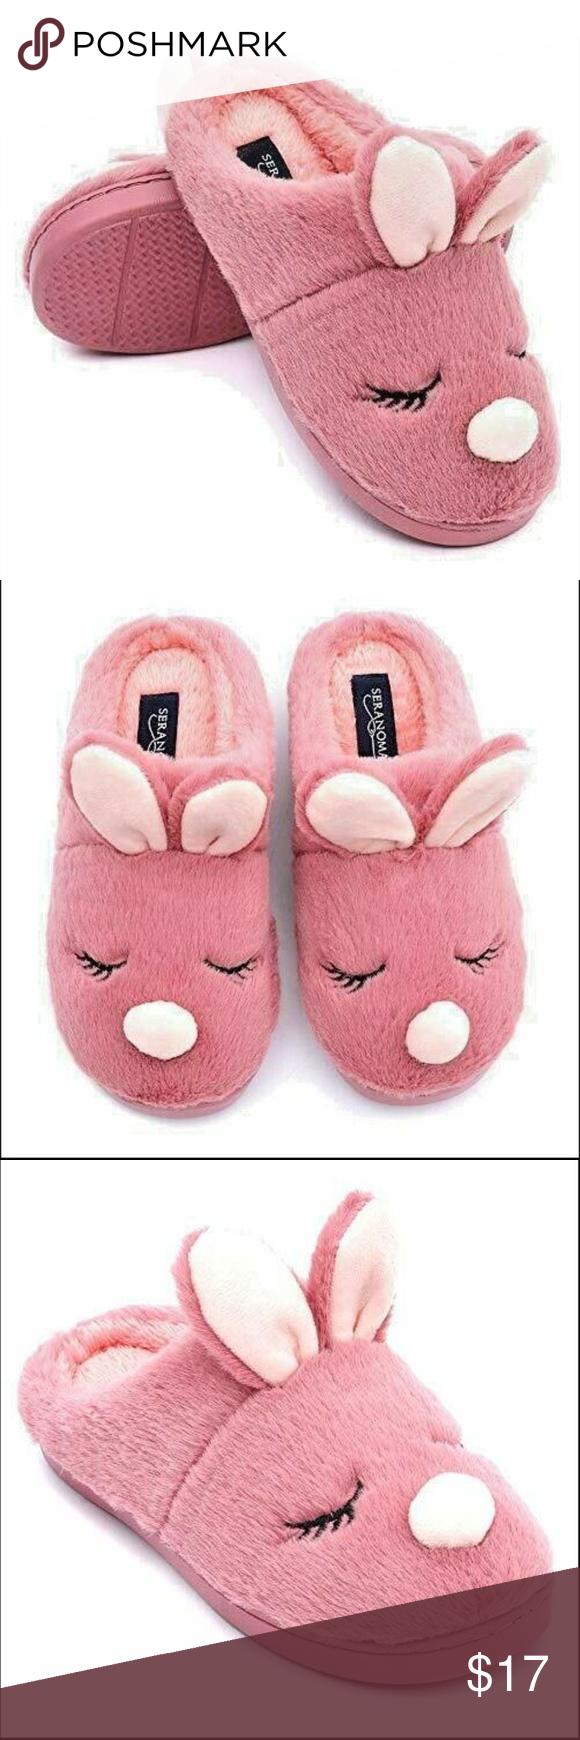 Cute Seranoma Women S Coral Fleece Bunny Slippers Slippers Bunny Slippers Slippers Cozy